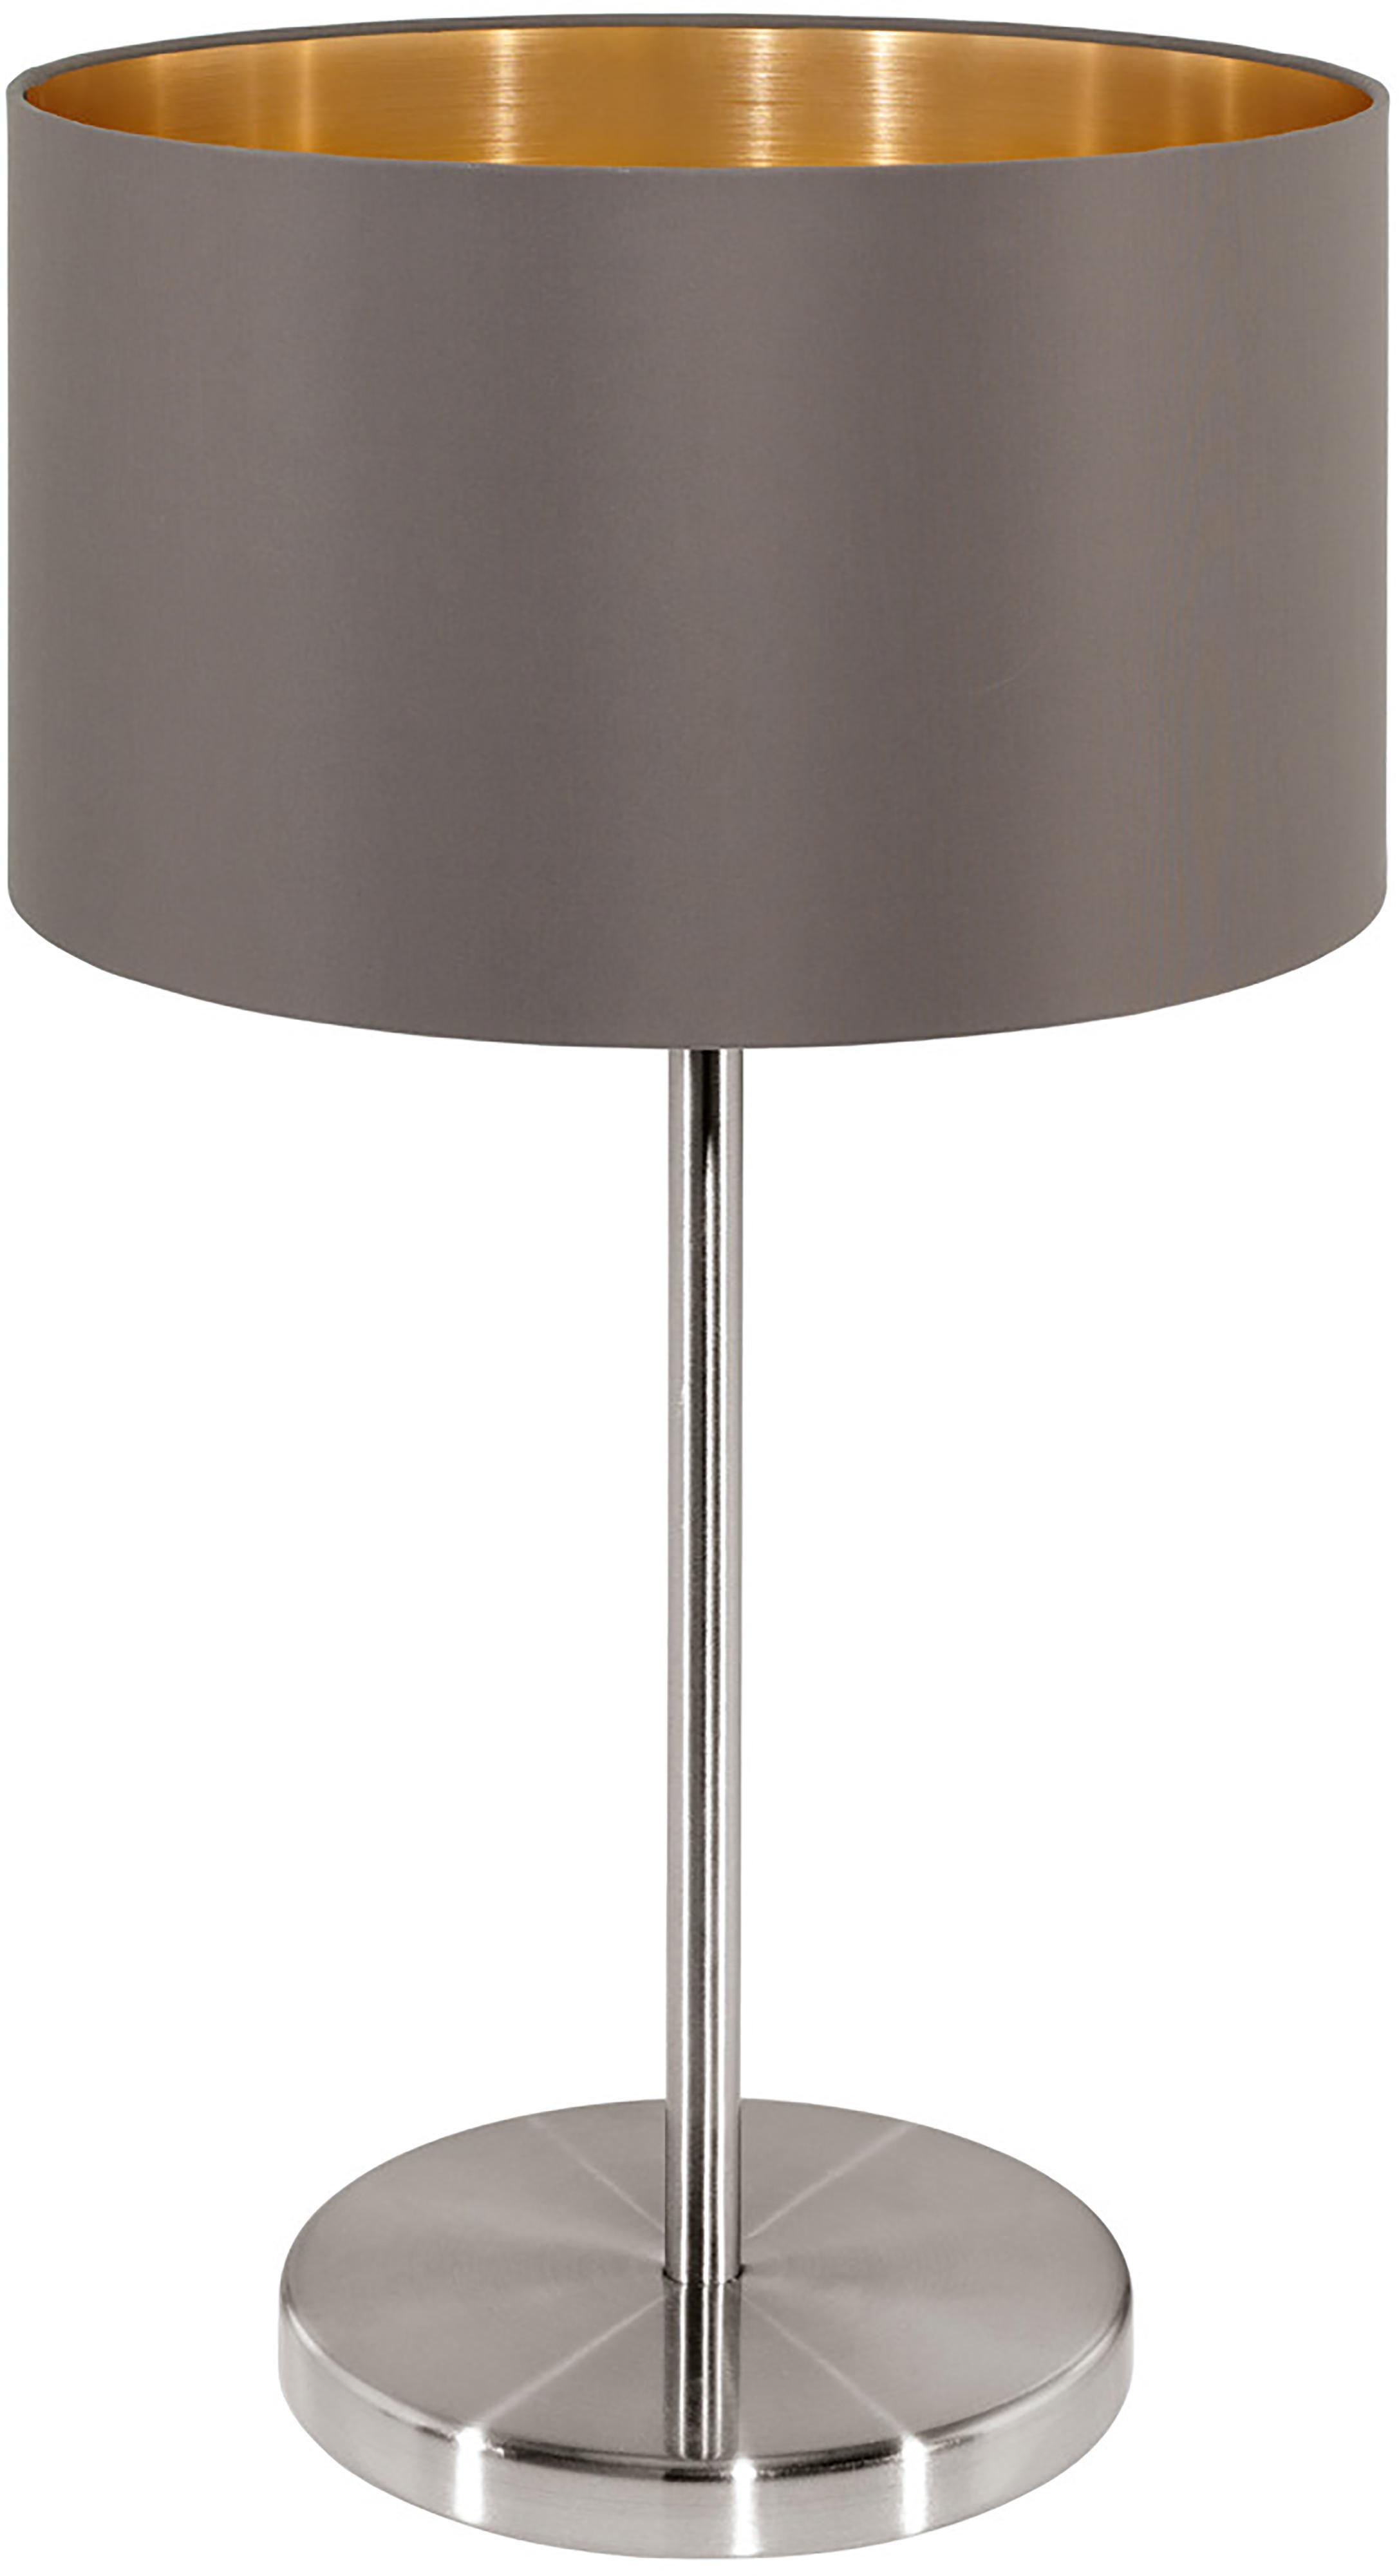 Tischlampe Jamie mit Gold, Lampenfuß: Metall, vernickelt, Grau-Beige,Silberfarben, ∅ 23 x H 42 cm